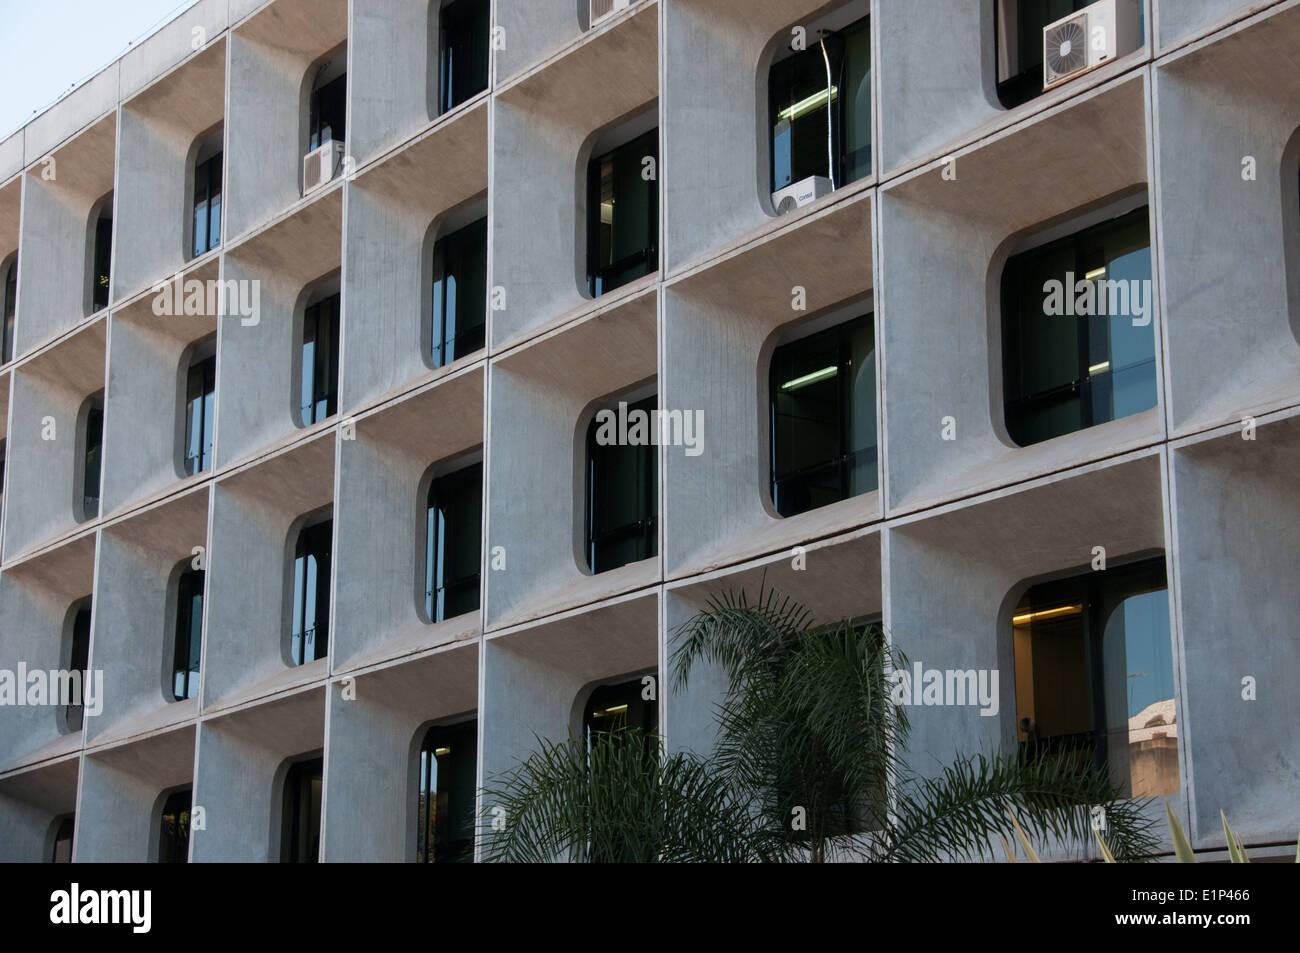 Architettura moderna downtown ufficio edificio Brasilia Foto Stock